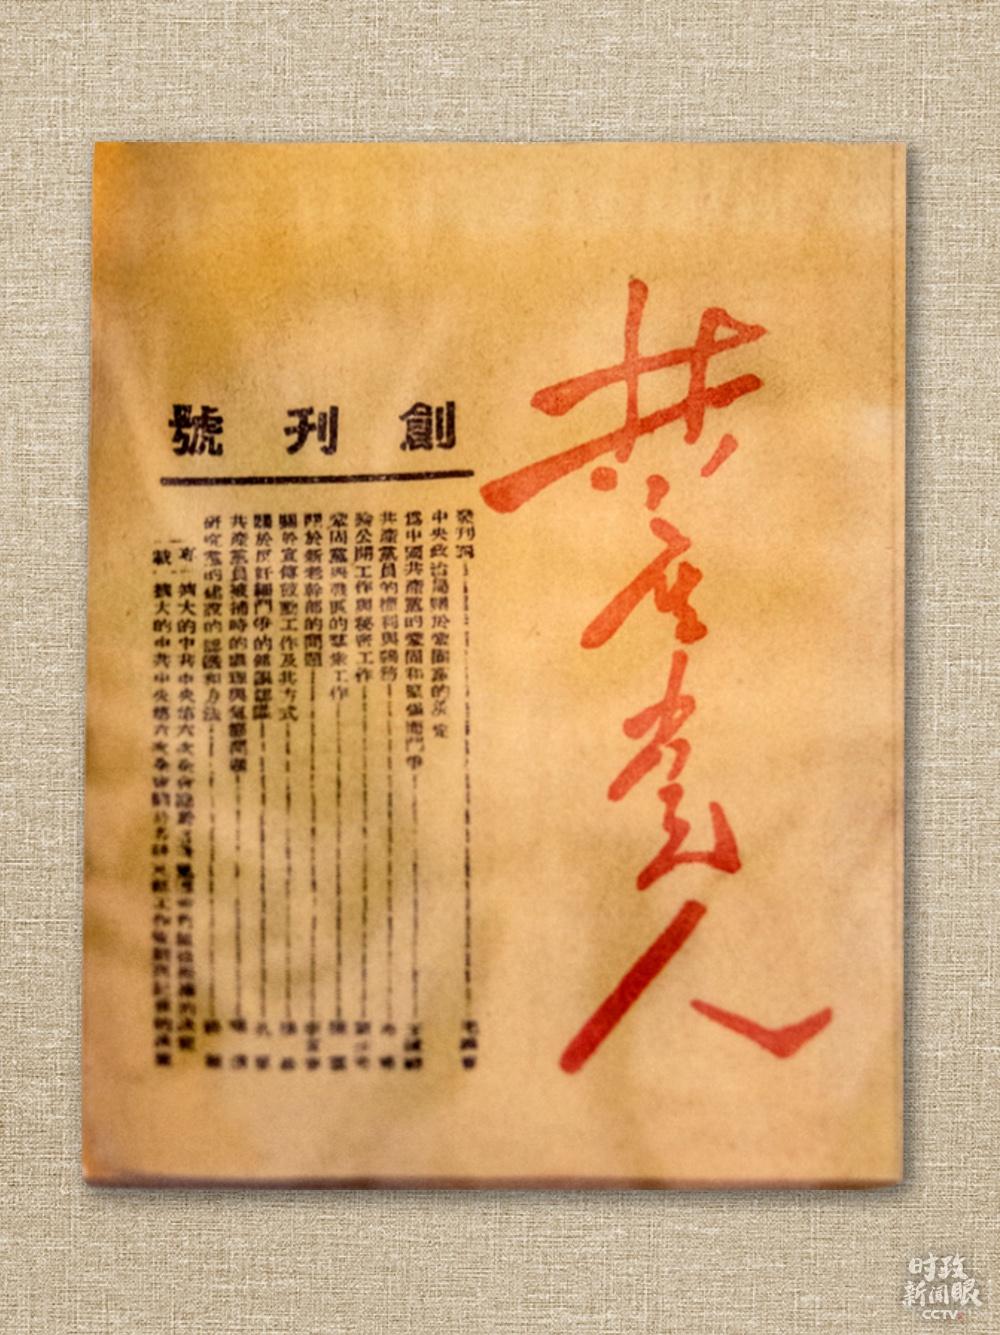 """△1939年10月,中共中央早期的党内刊物《共产党人》创刊,毛泽东撰写发刊词,提出党的建设是""""伟大的工程""""。(资料图)"""